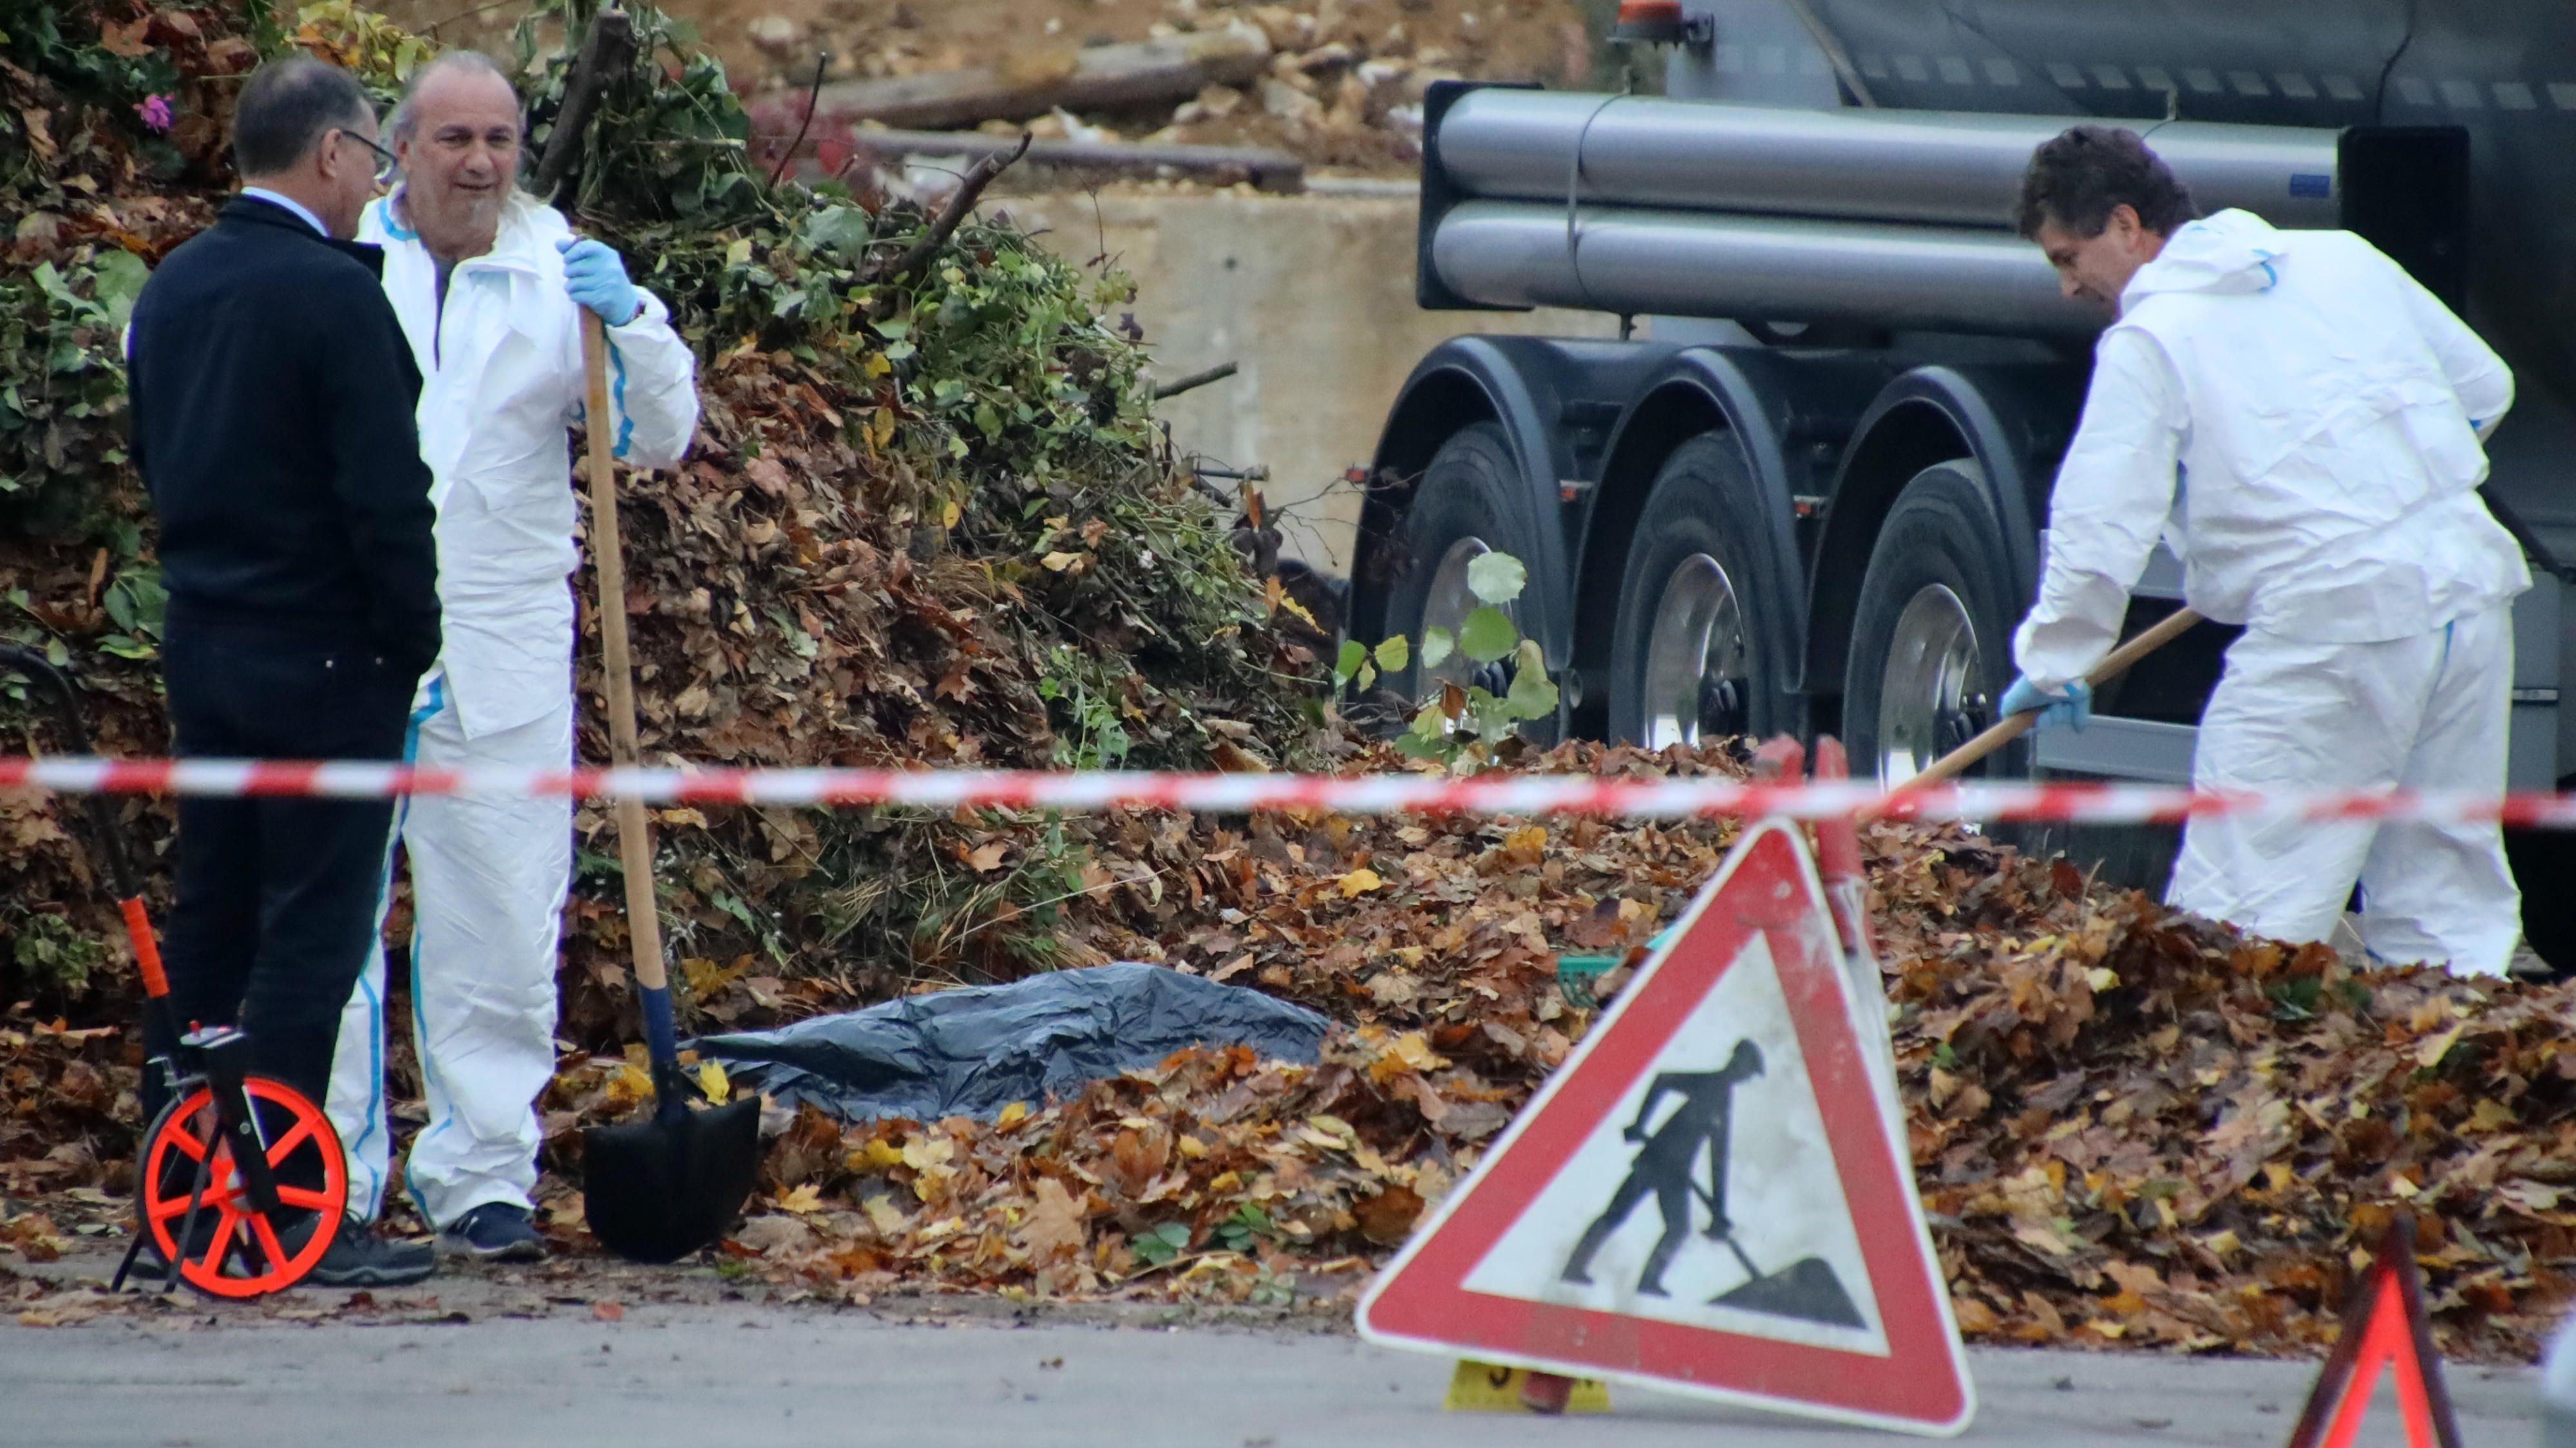 Der Tote, der auf einem Firmengelände in Burglengenfeld gefunden wurde, ist Opfer eines Tötungsdeliktes geworden.